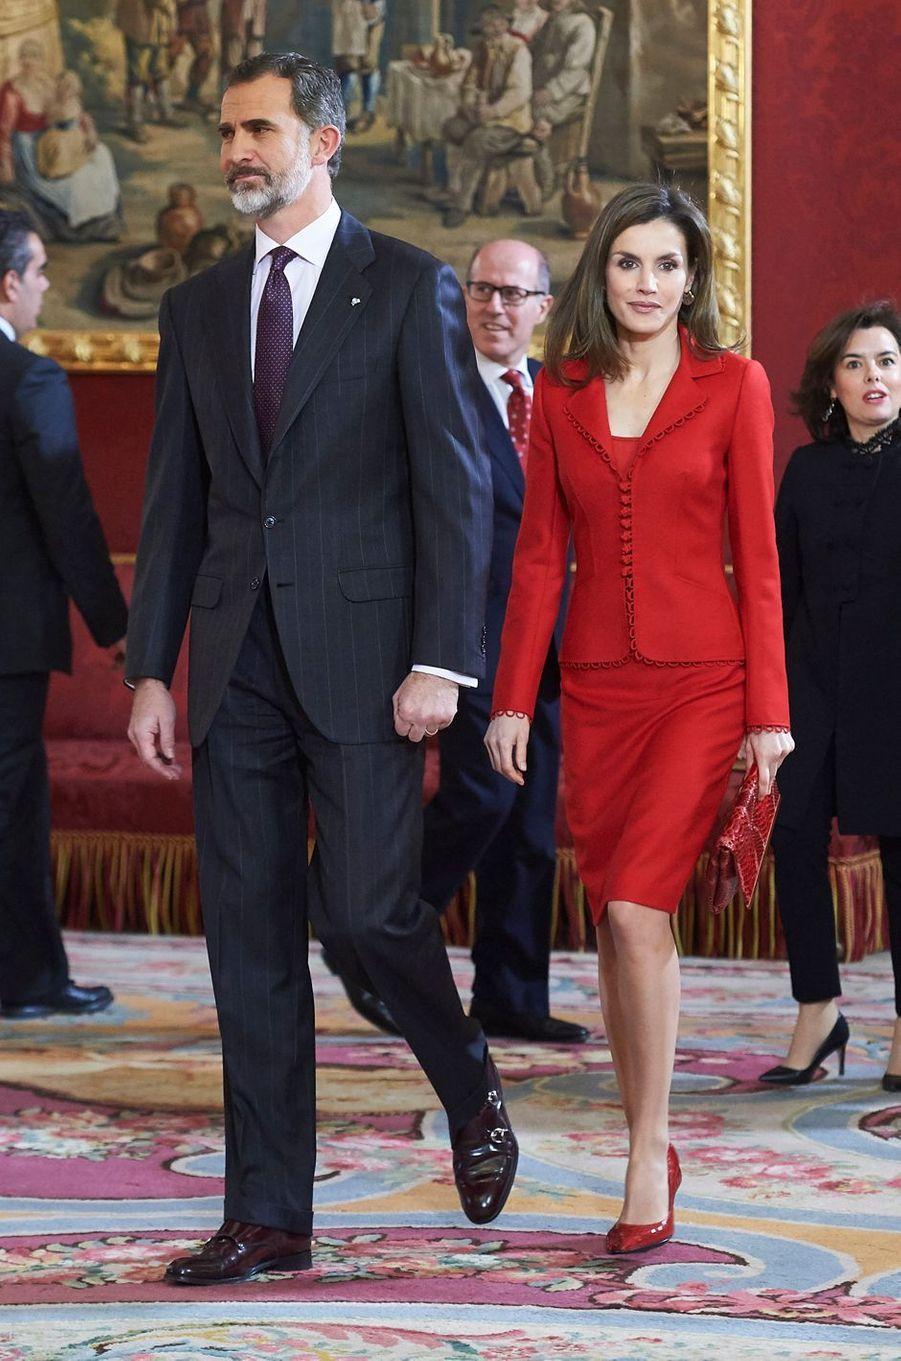 Le roi Felipe VI et la reine Letizia d'Espagne à Madrid, le 30 janvier 2017